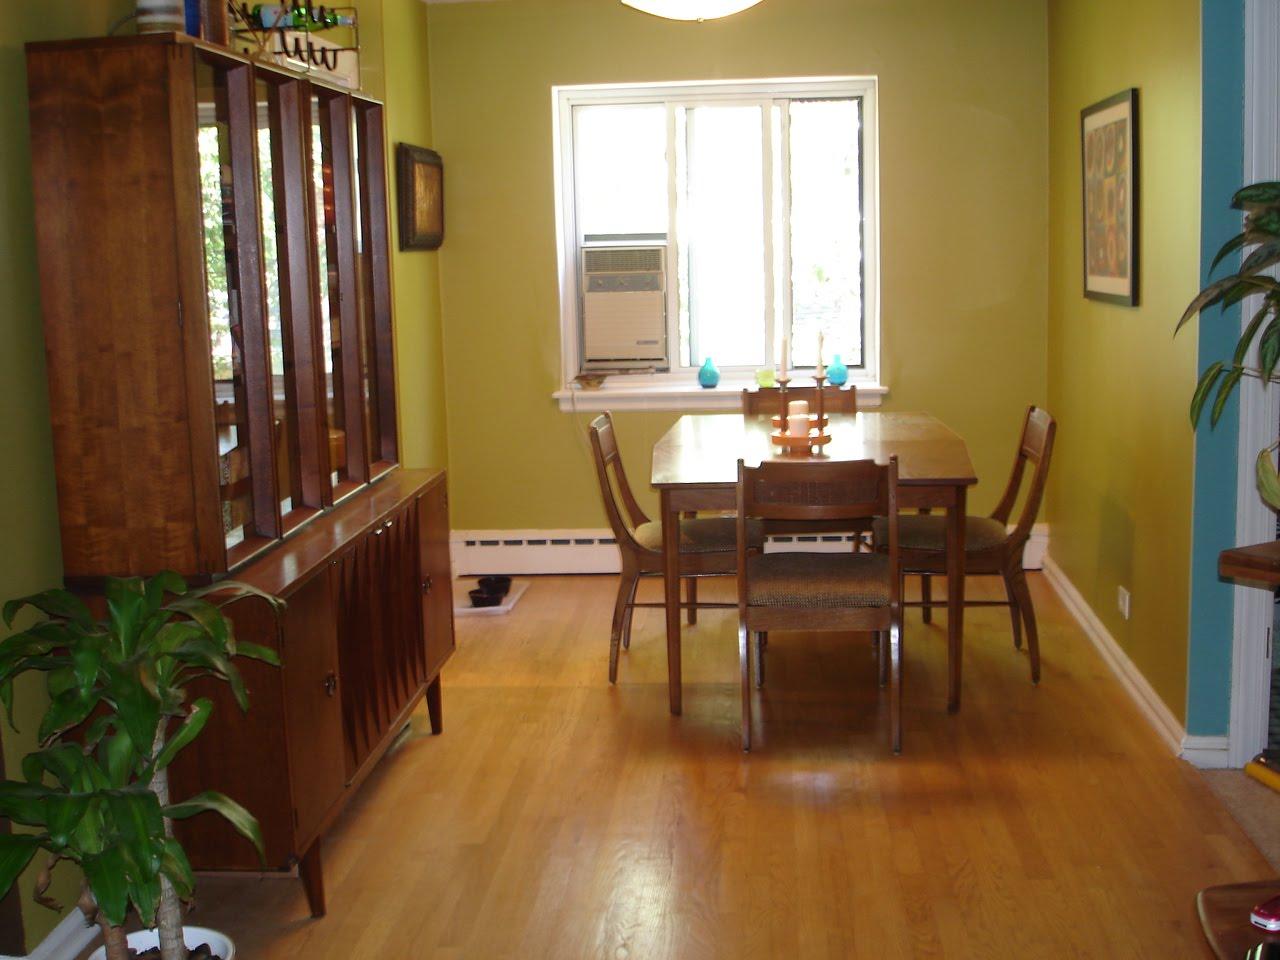 Black Kats Design My dining room rug or no rug